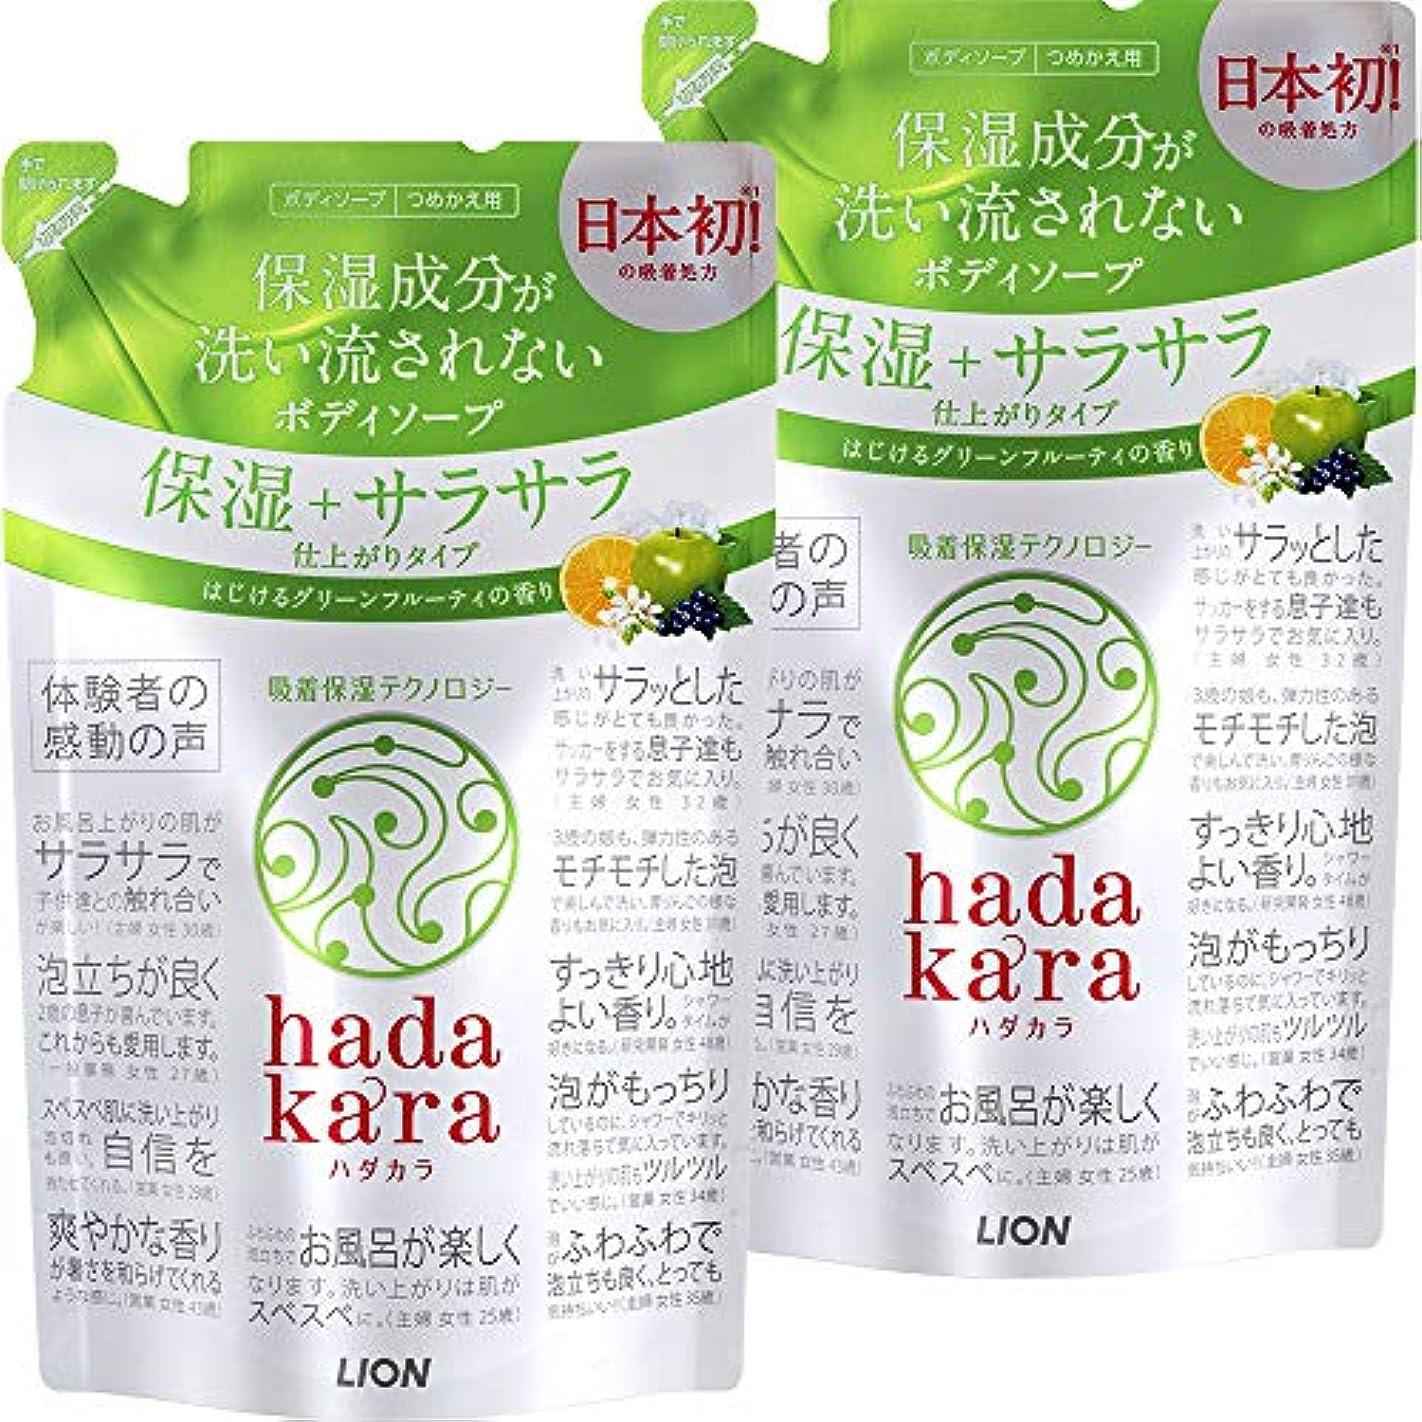 ゴミ箱帰る以内に【まとめ買い】hadakara(ハダカラ) ボディソープ 保湿+サラサラ仕上がりタイプ グリーンフルーティの香り 詰め替え 340ml×2個パック